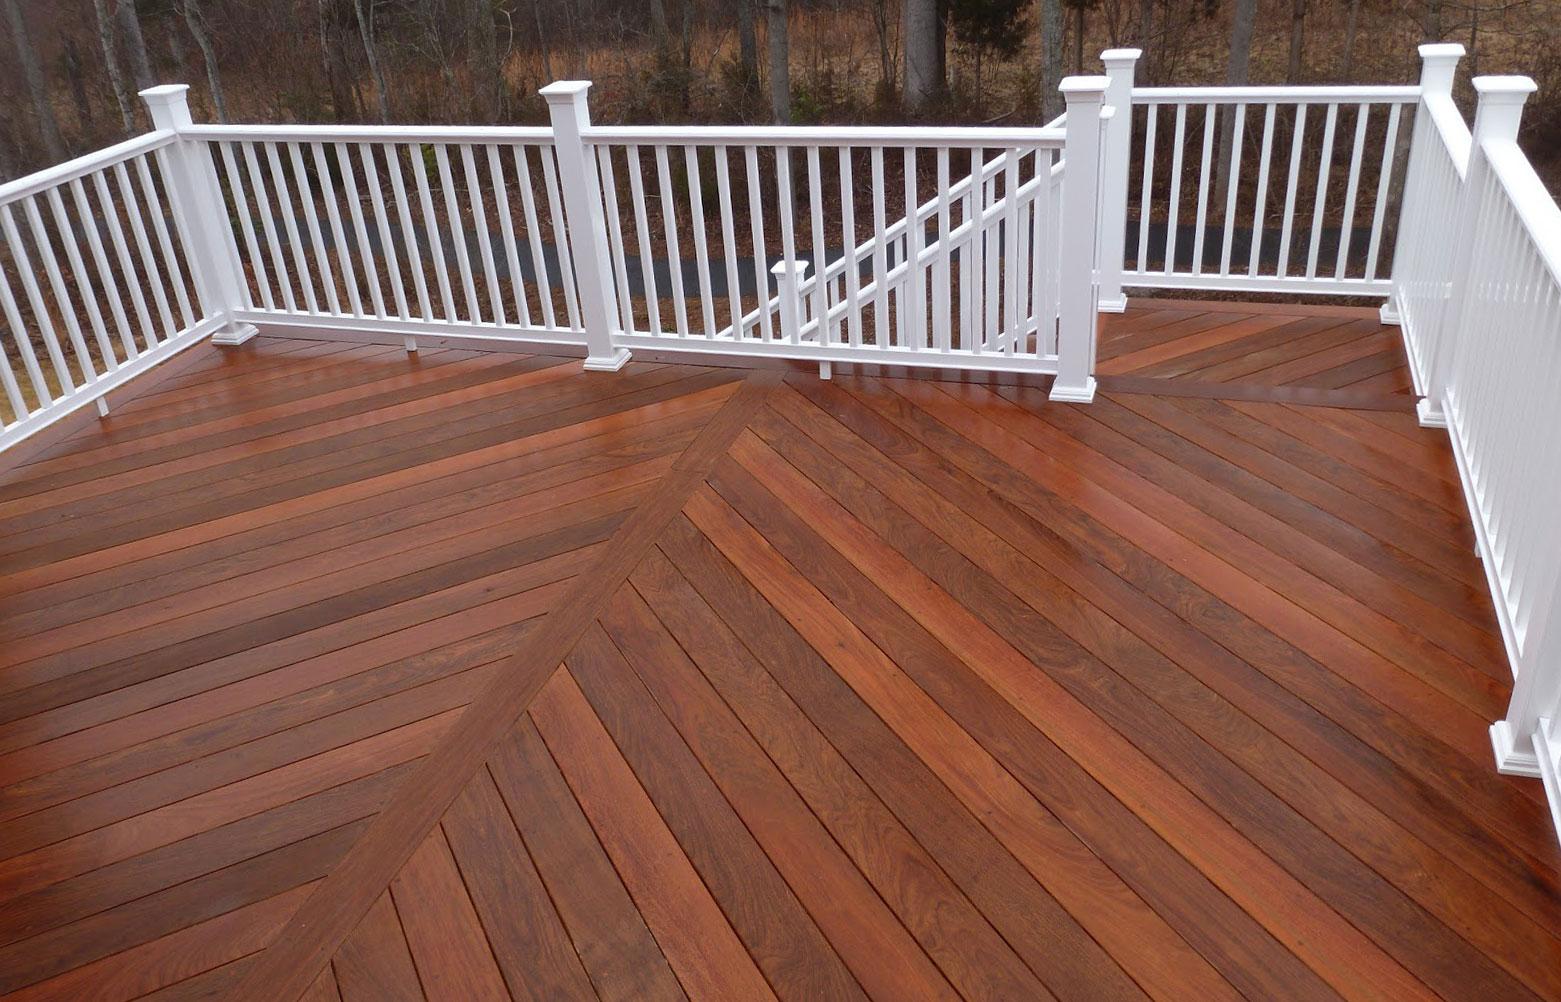 Wood Deck Ipe Decking Brazilian Ipe Decking Shapely Brazilian Ipe in size 1561 X 1002